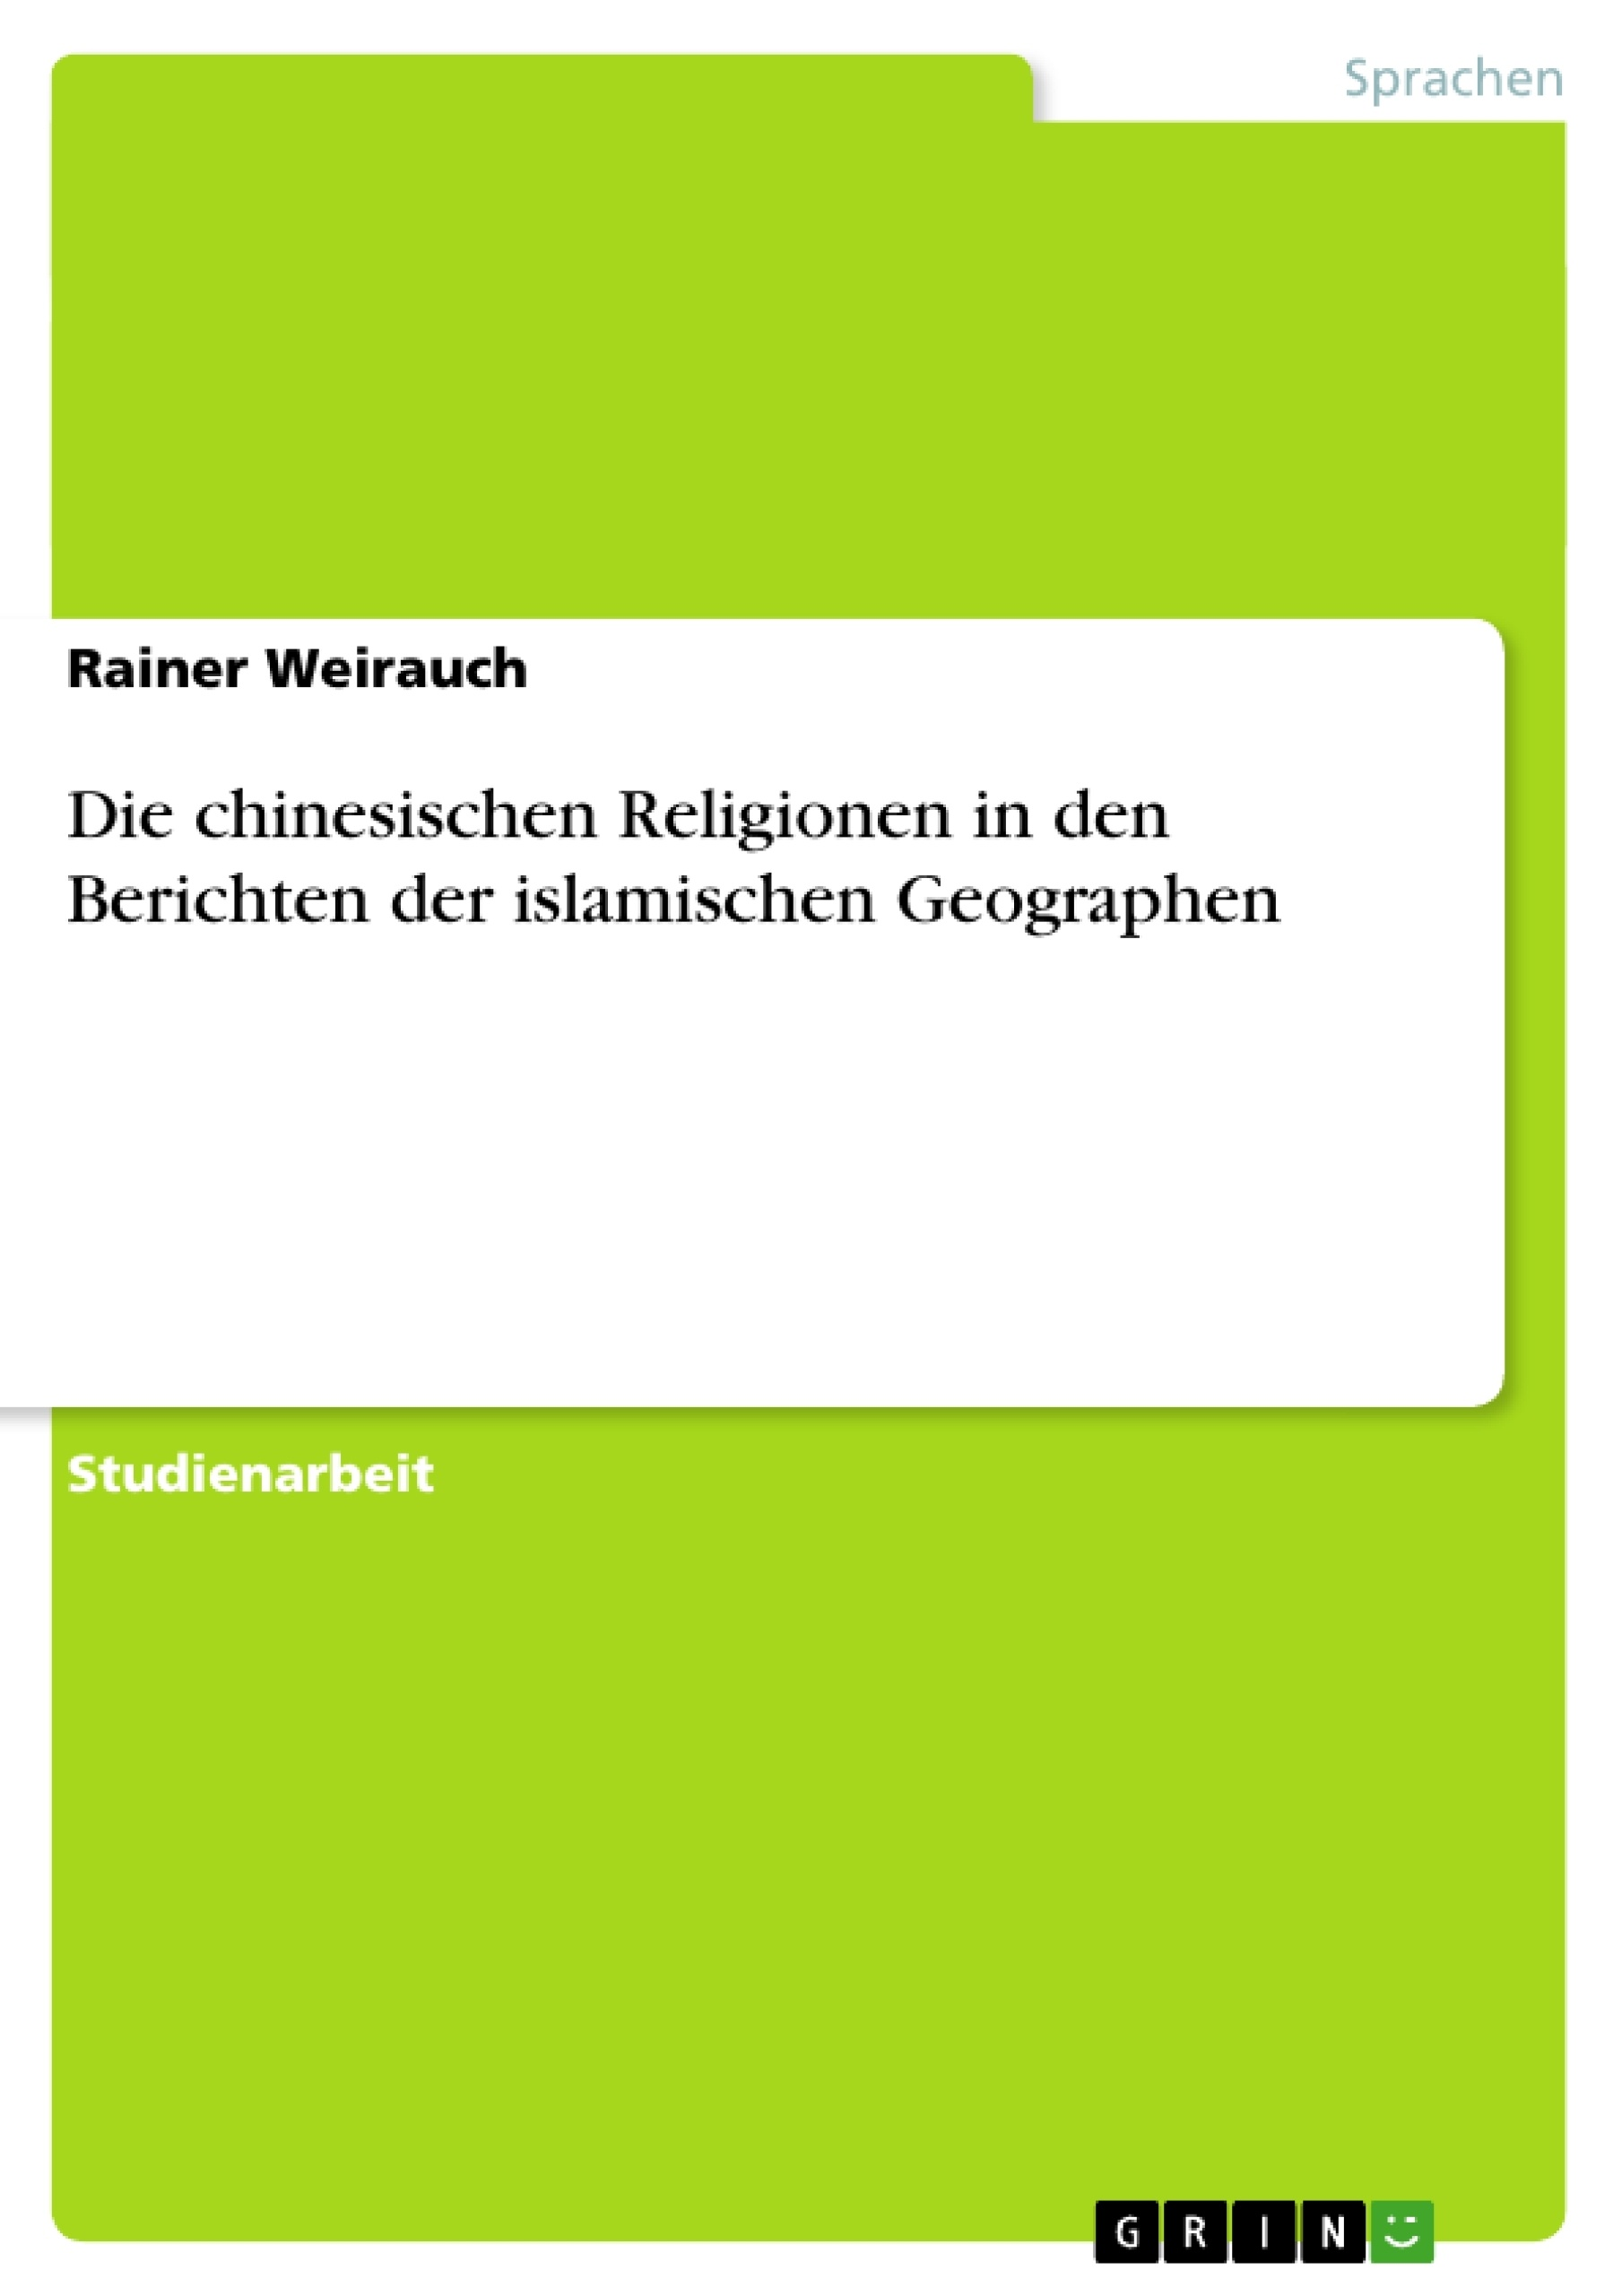 Titel: Die chinesischen Religionen in den Berichten der islamischen Geographen